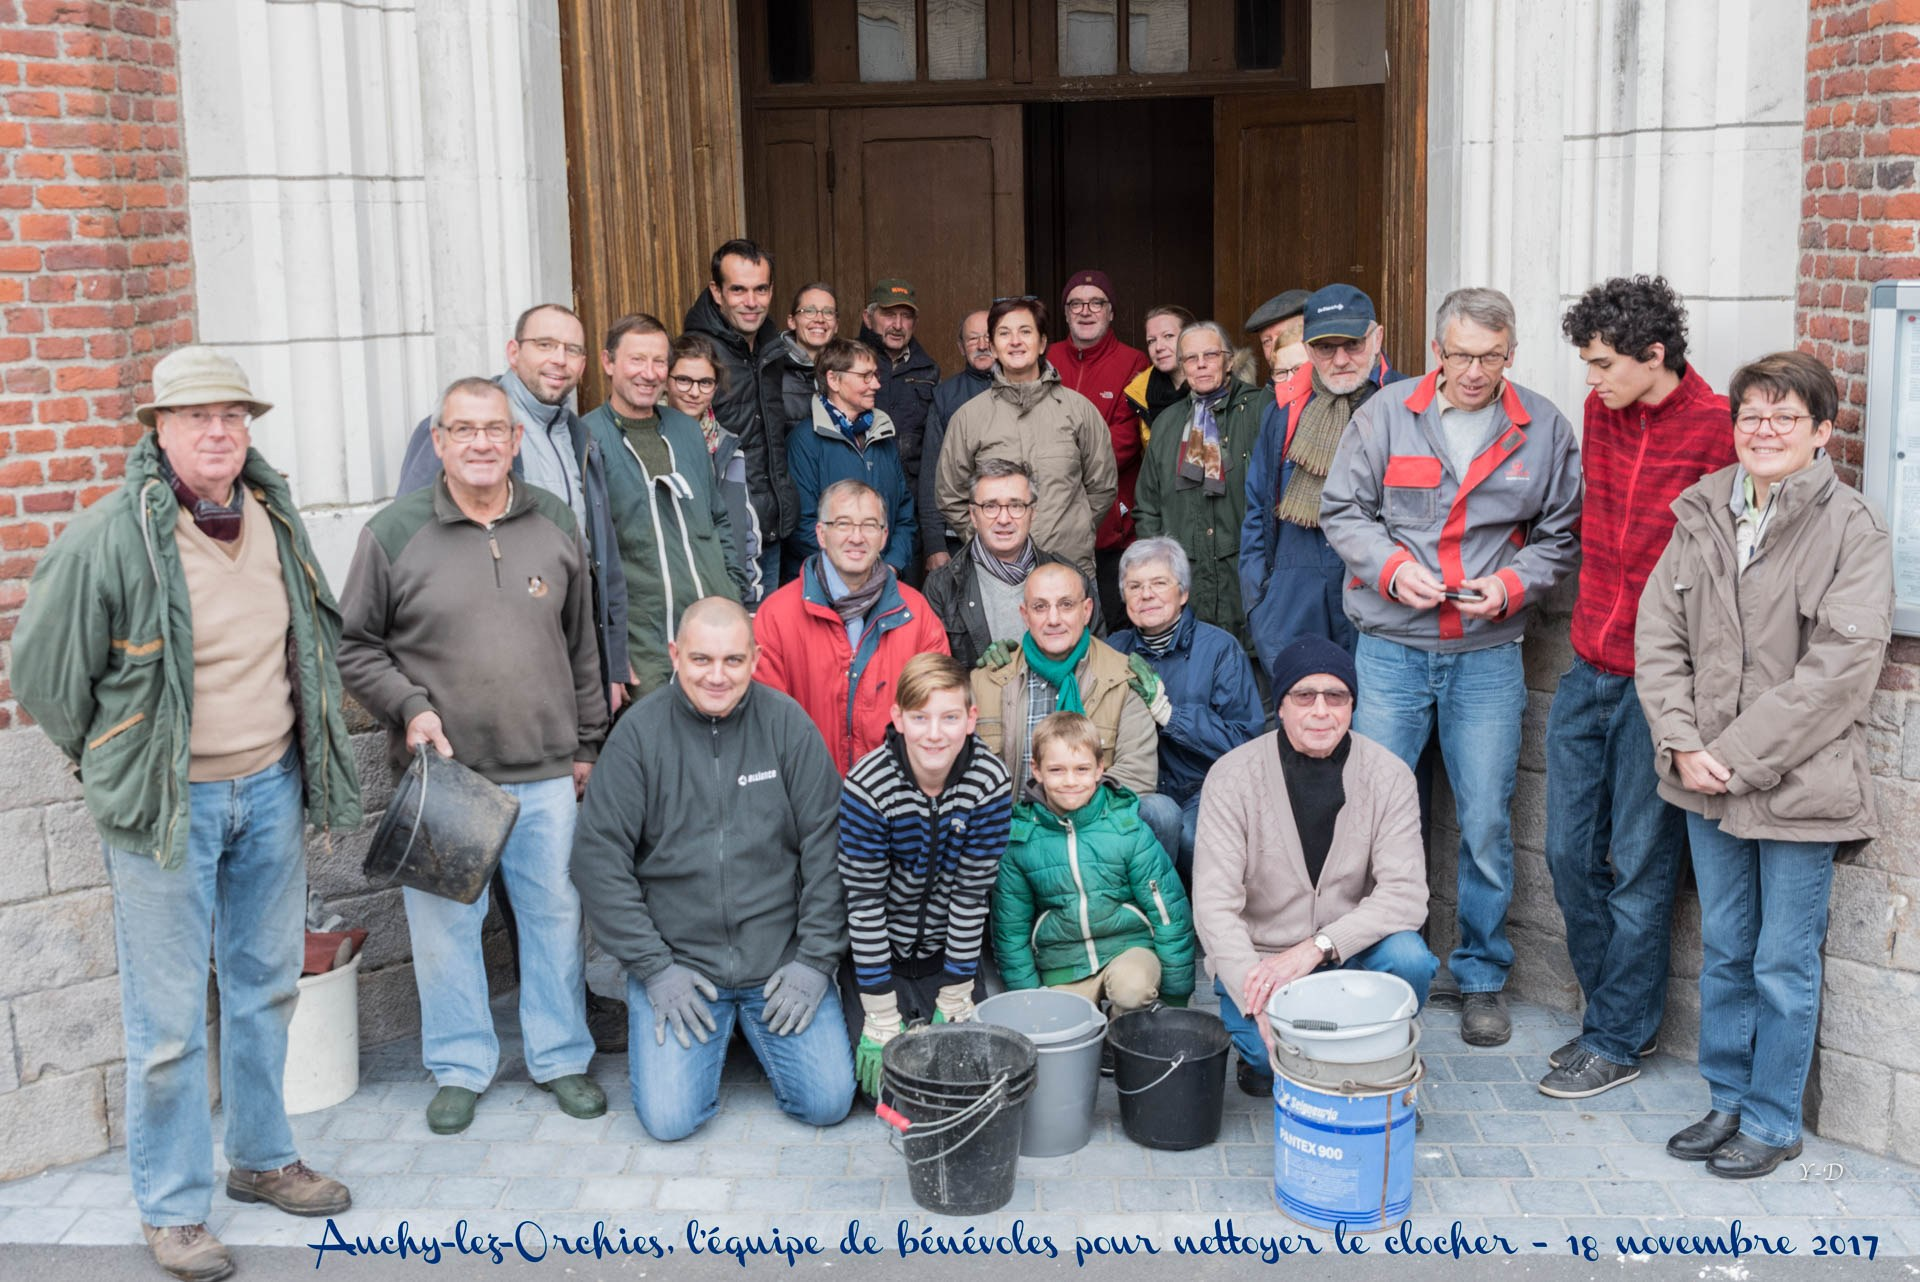 18112017-Auchy nettoyage clocher-64368-2